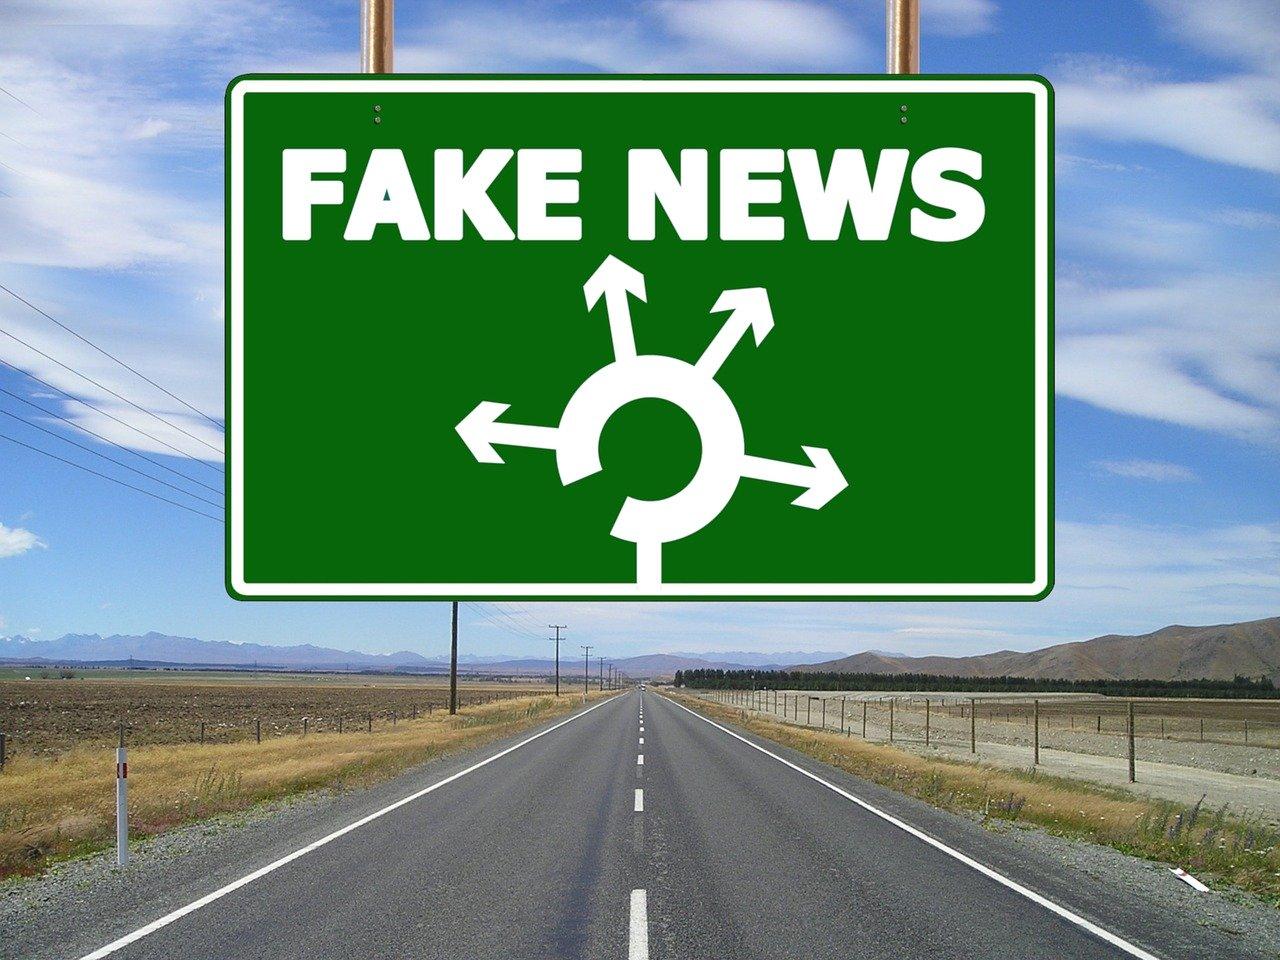 Fake News - Facebook Drug Task Force To Begin Monitoring All Messages October 1st